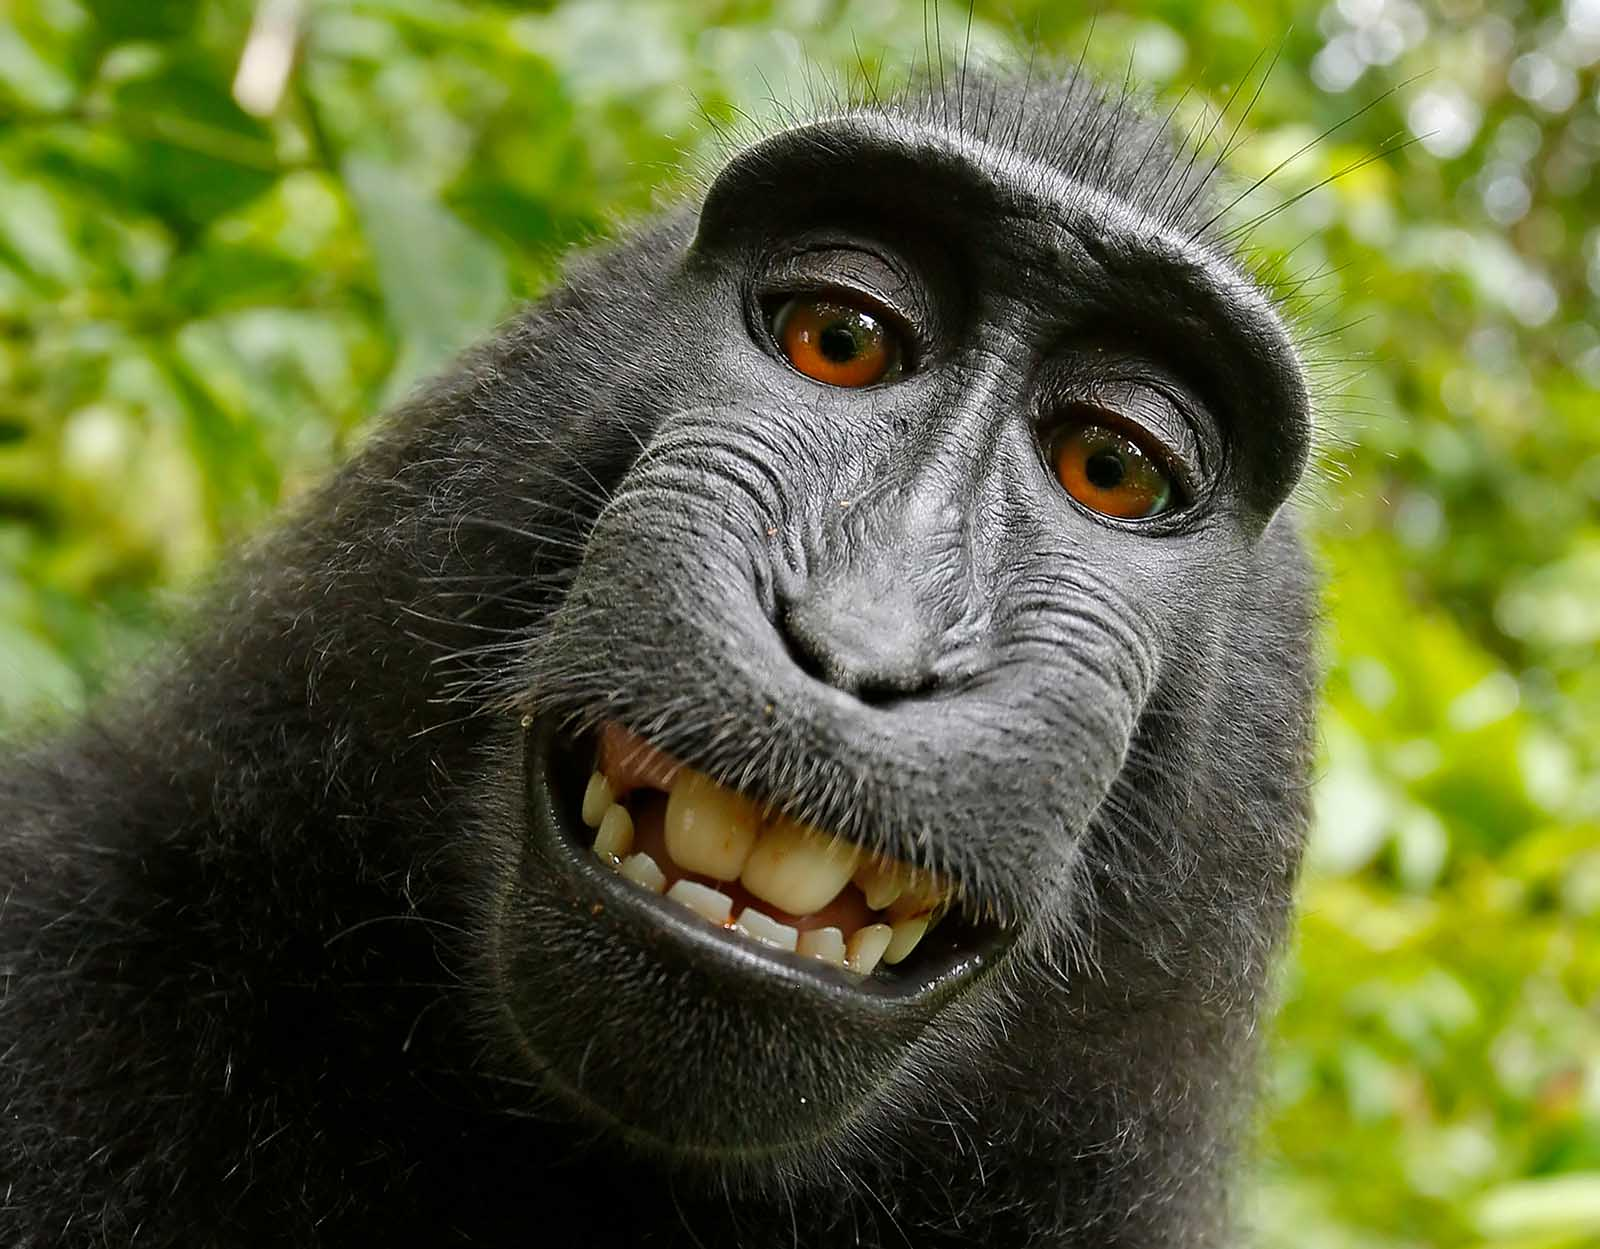 #MonkeySelfie – Ein Selfie wird zum Präzedenzfall für Tierrechte